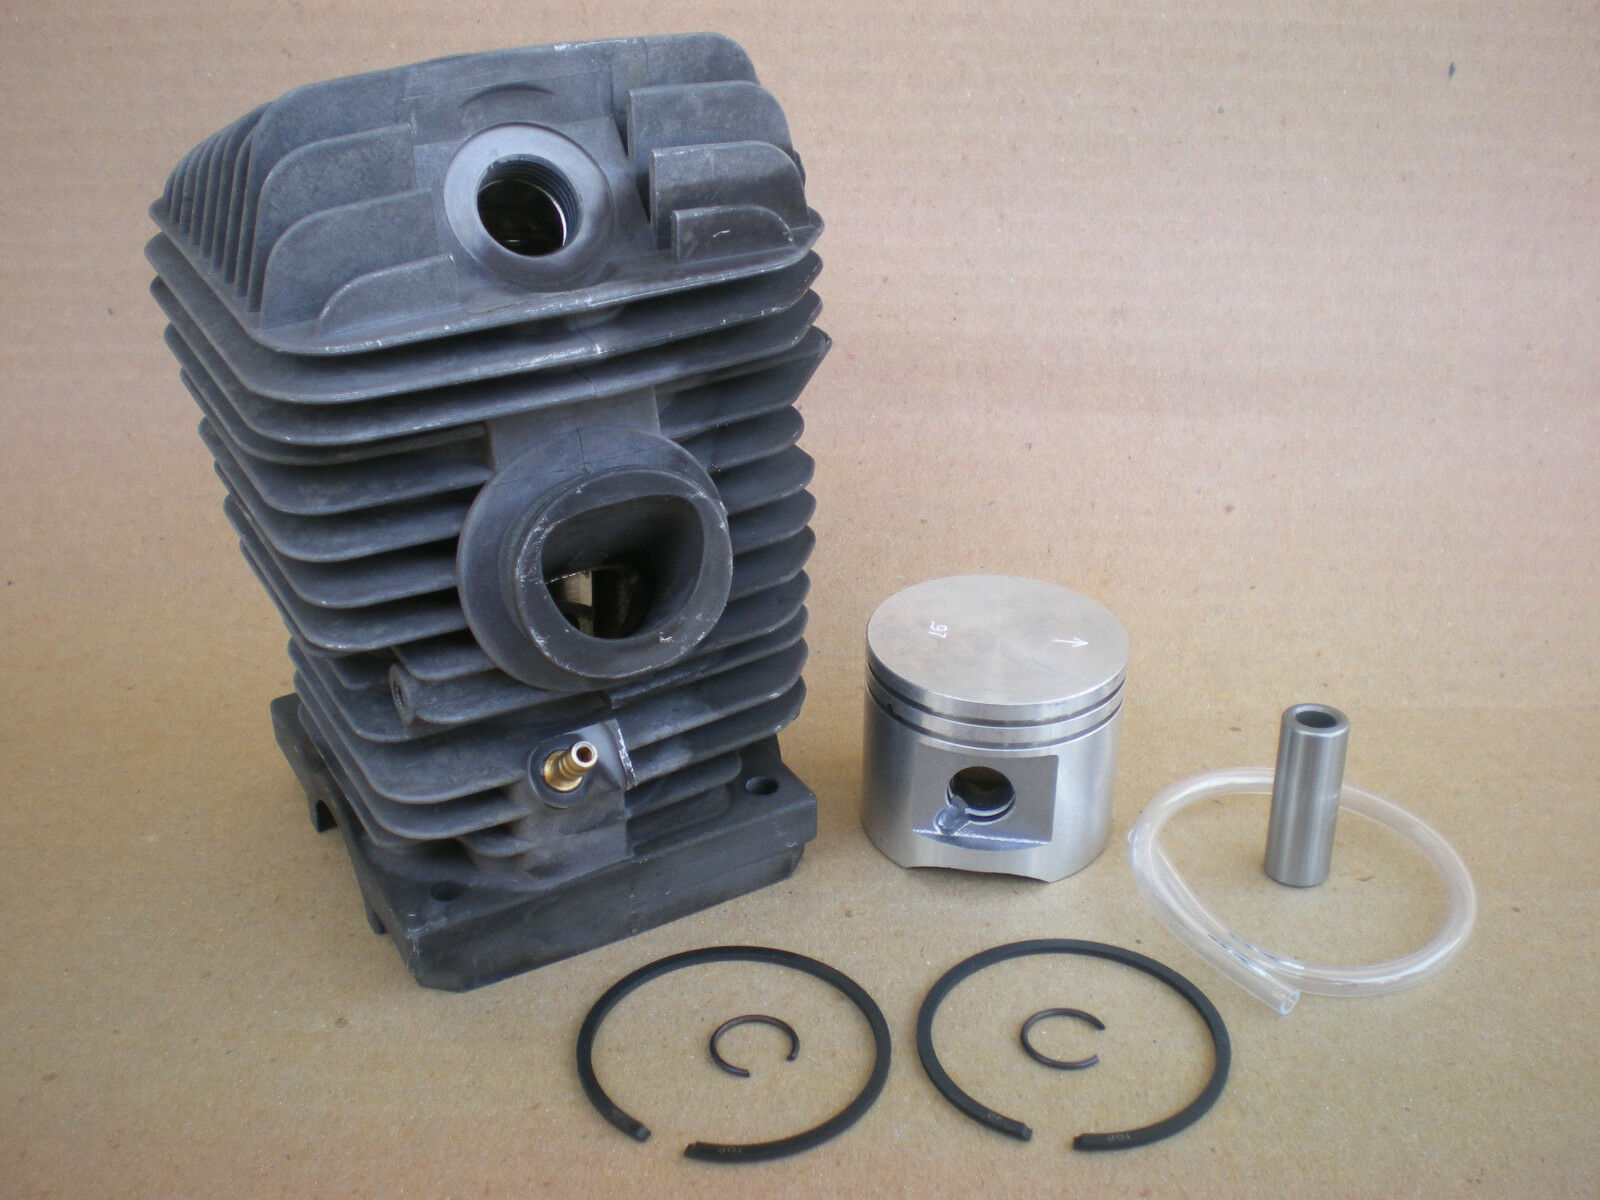 Kit de Cilindro para Stihl MS230, MS 230 C (40mm) Nikasil-Plateado [ 11230201223]